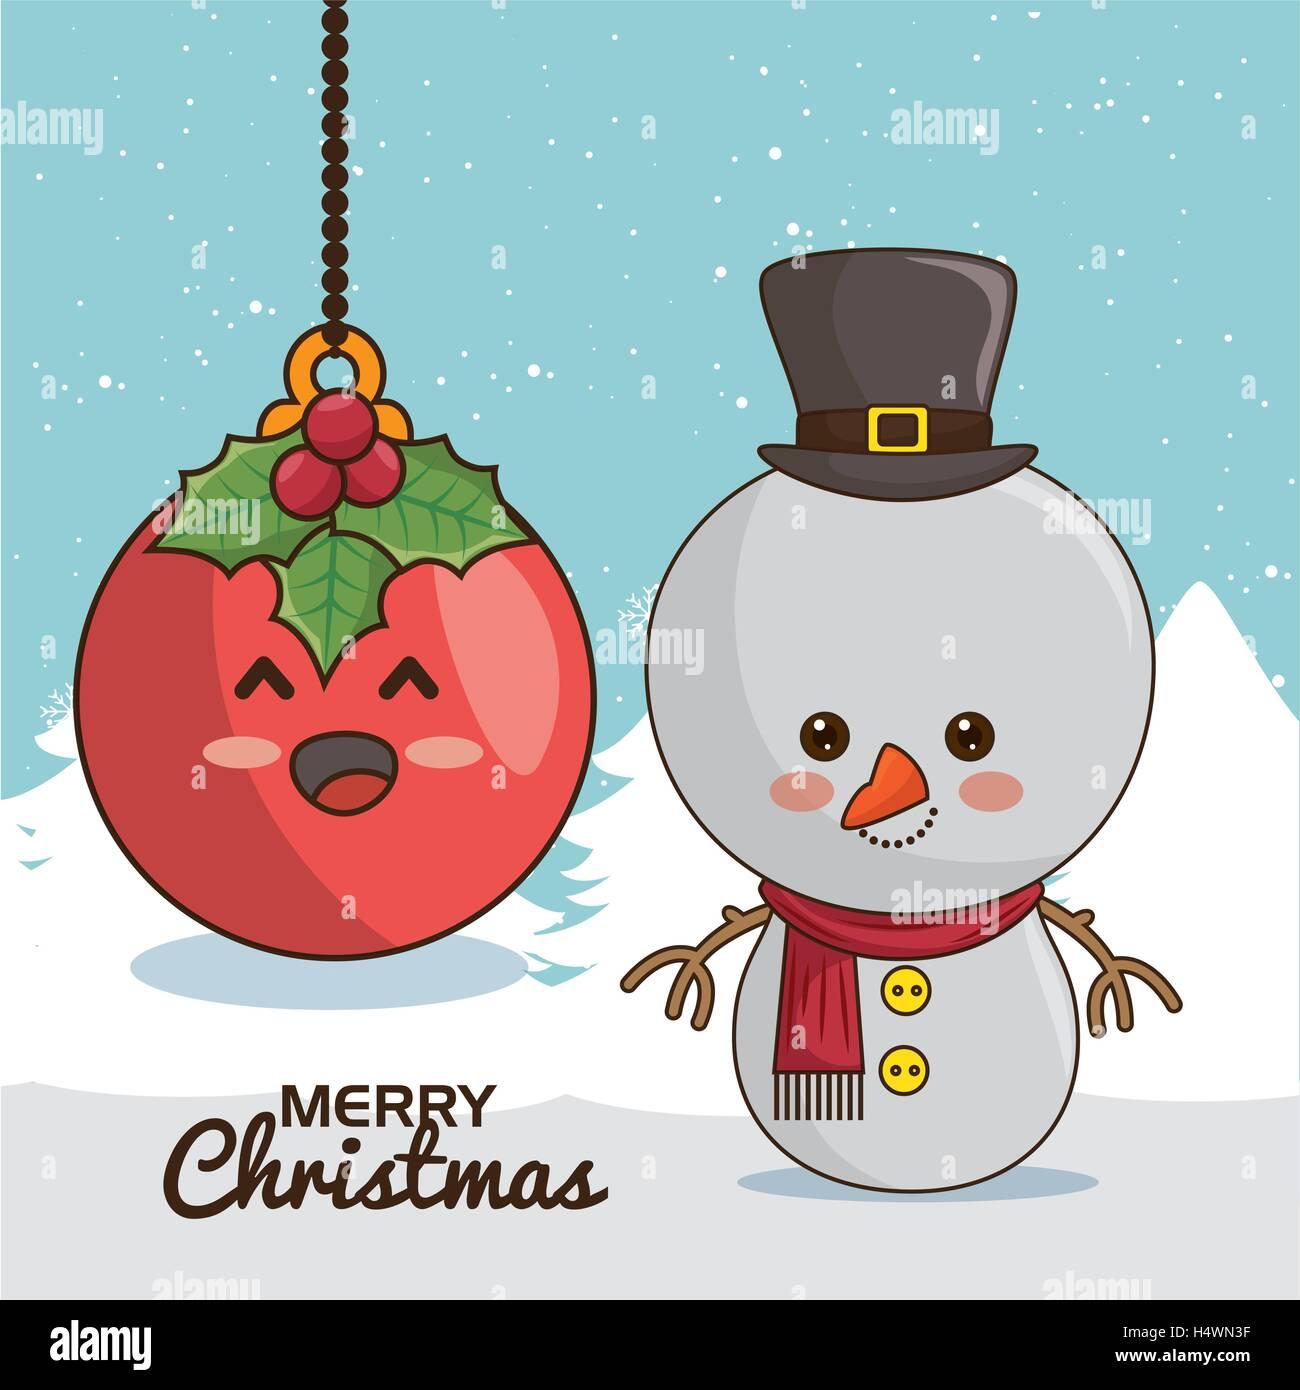 Frohe Weihnachten Zeichen Kawaii-Stil Vektor Abbildung - Bild ...